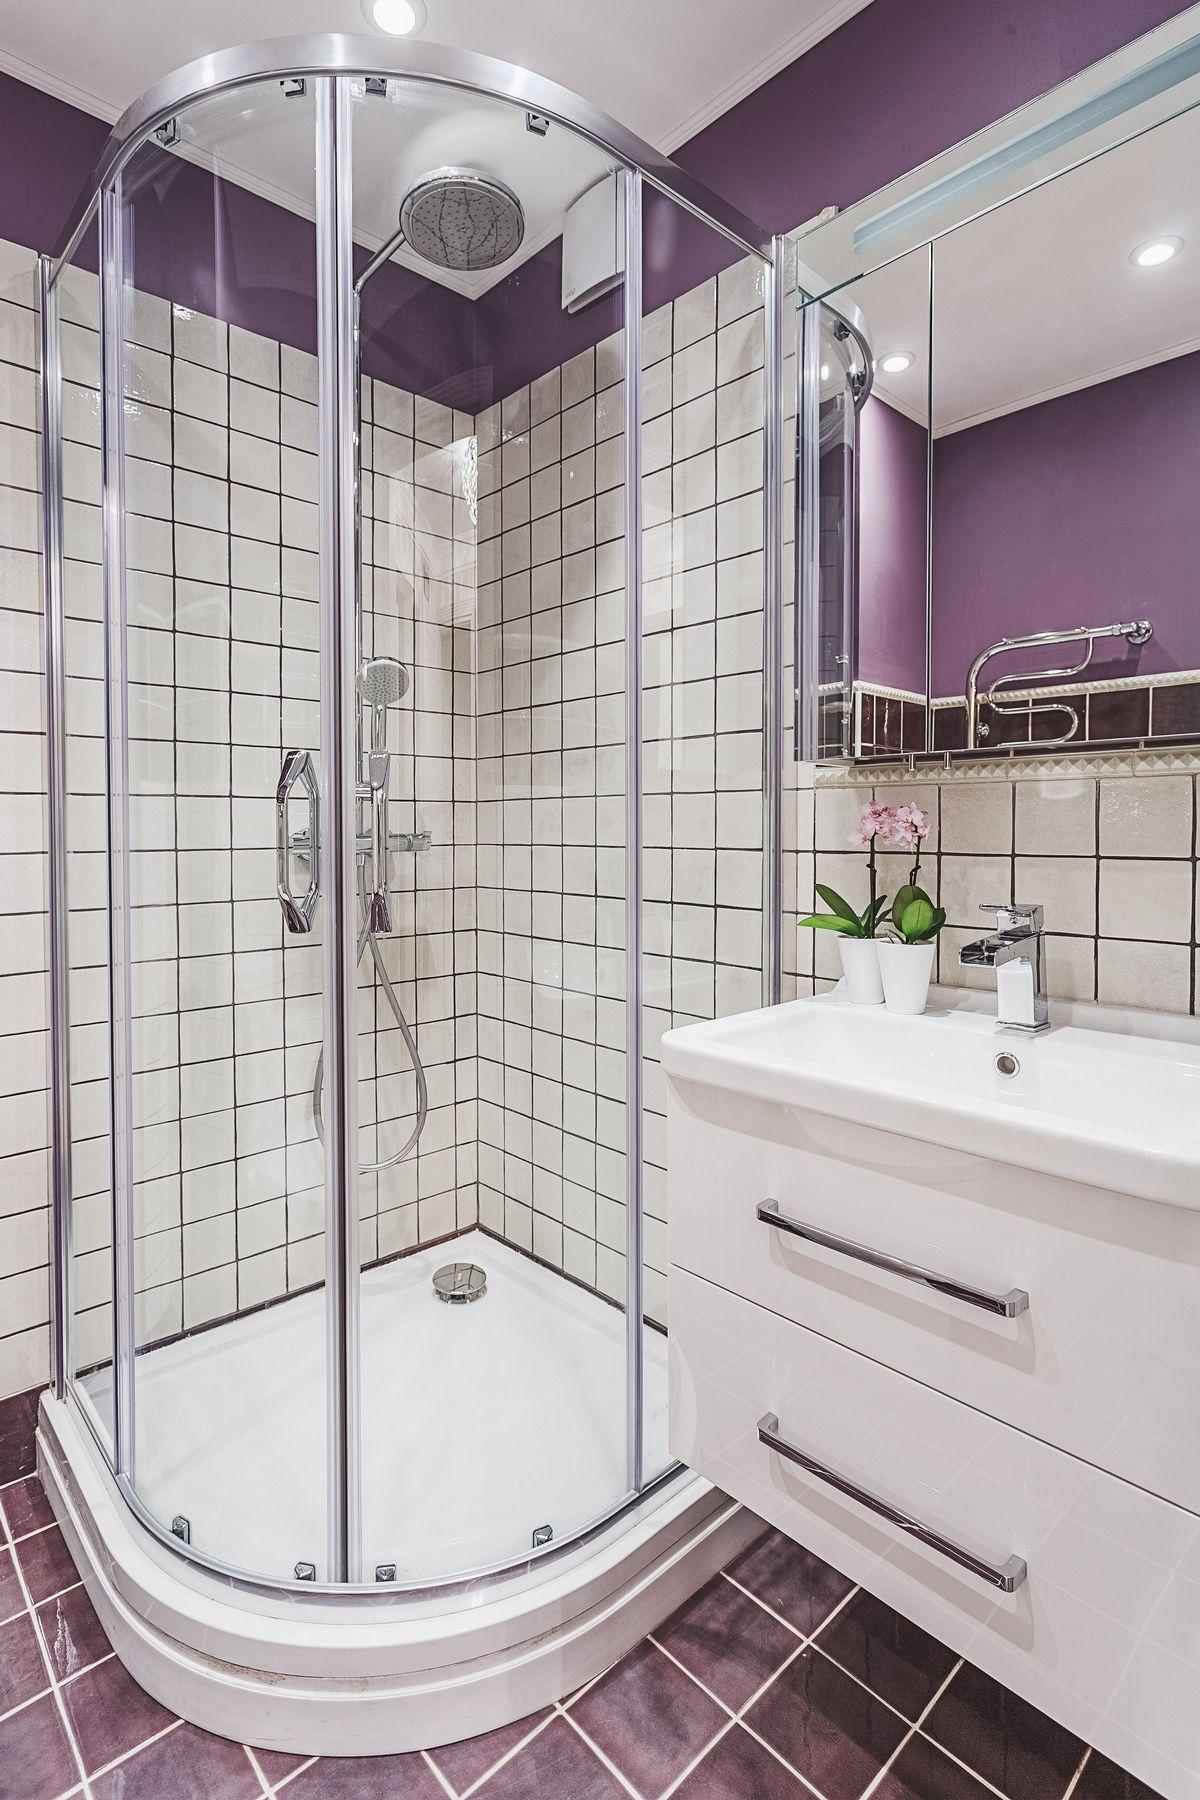 дизайн ванной комнаты фото 2019 современные идеи со стиральной машиной 2